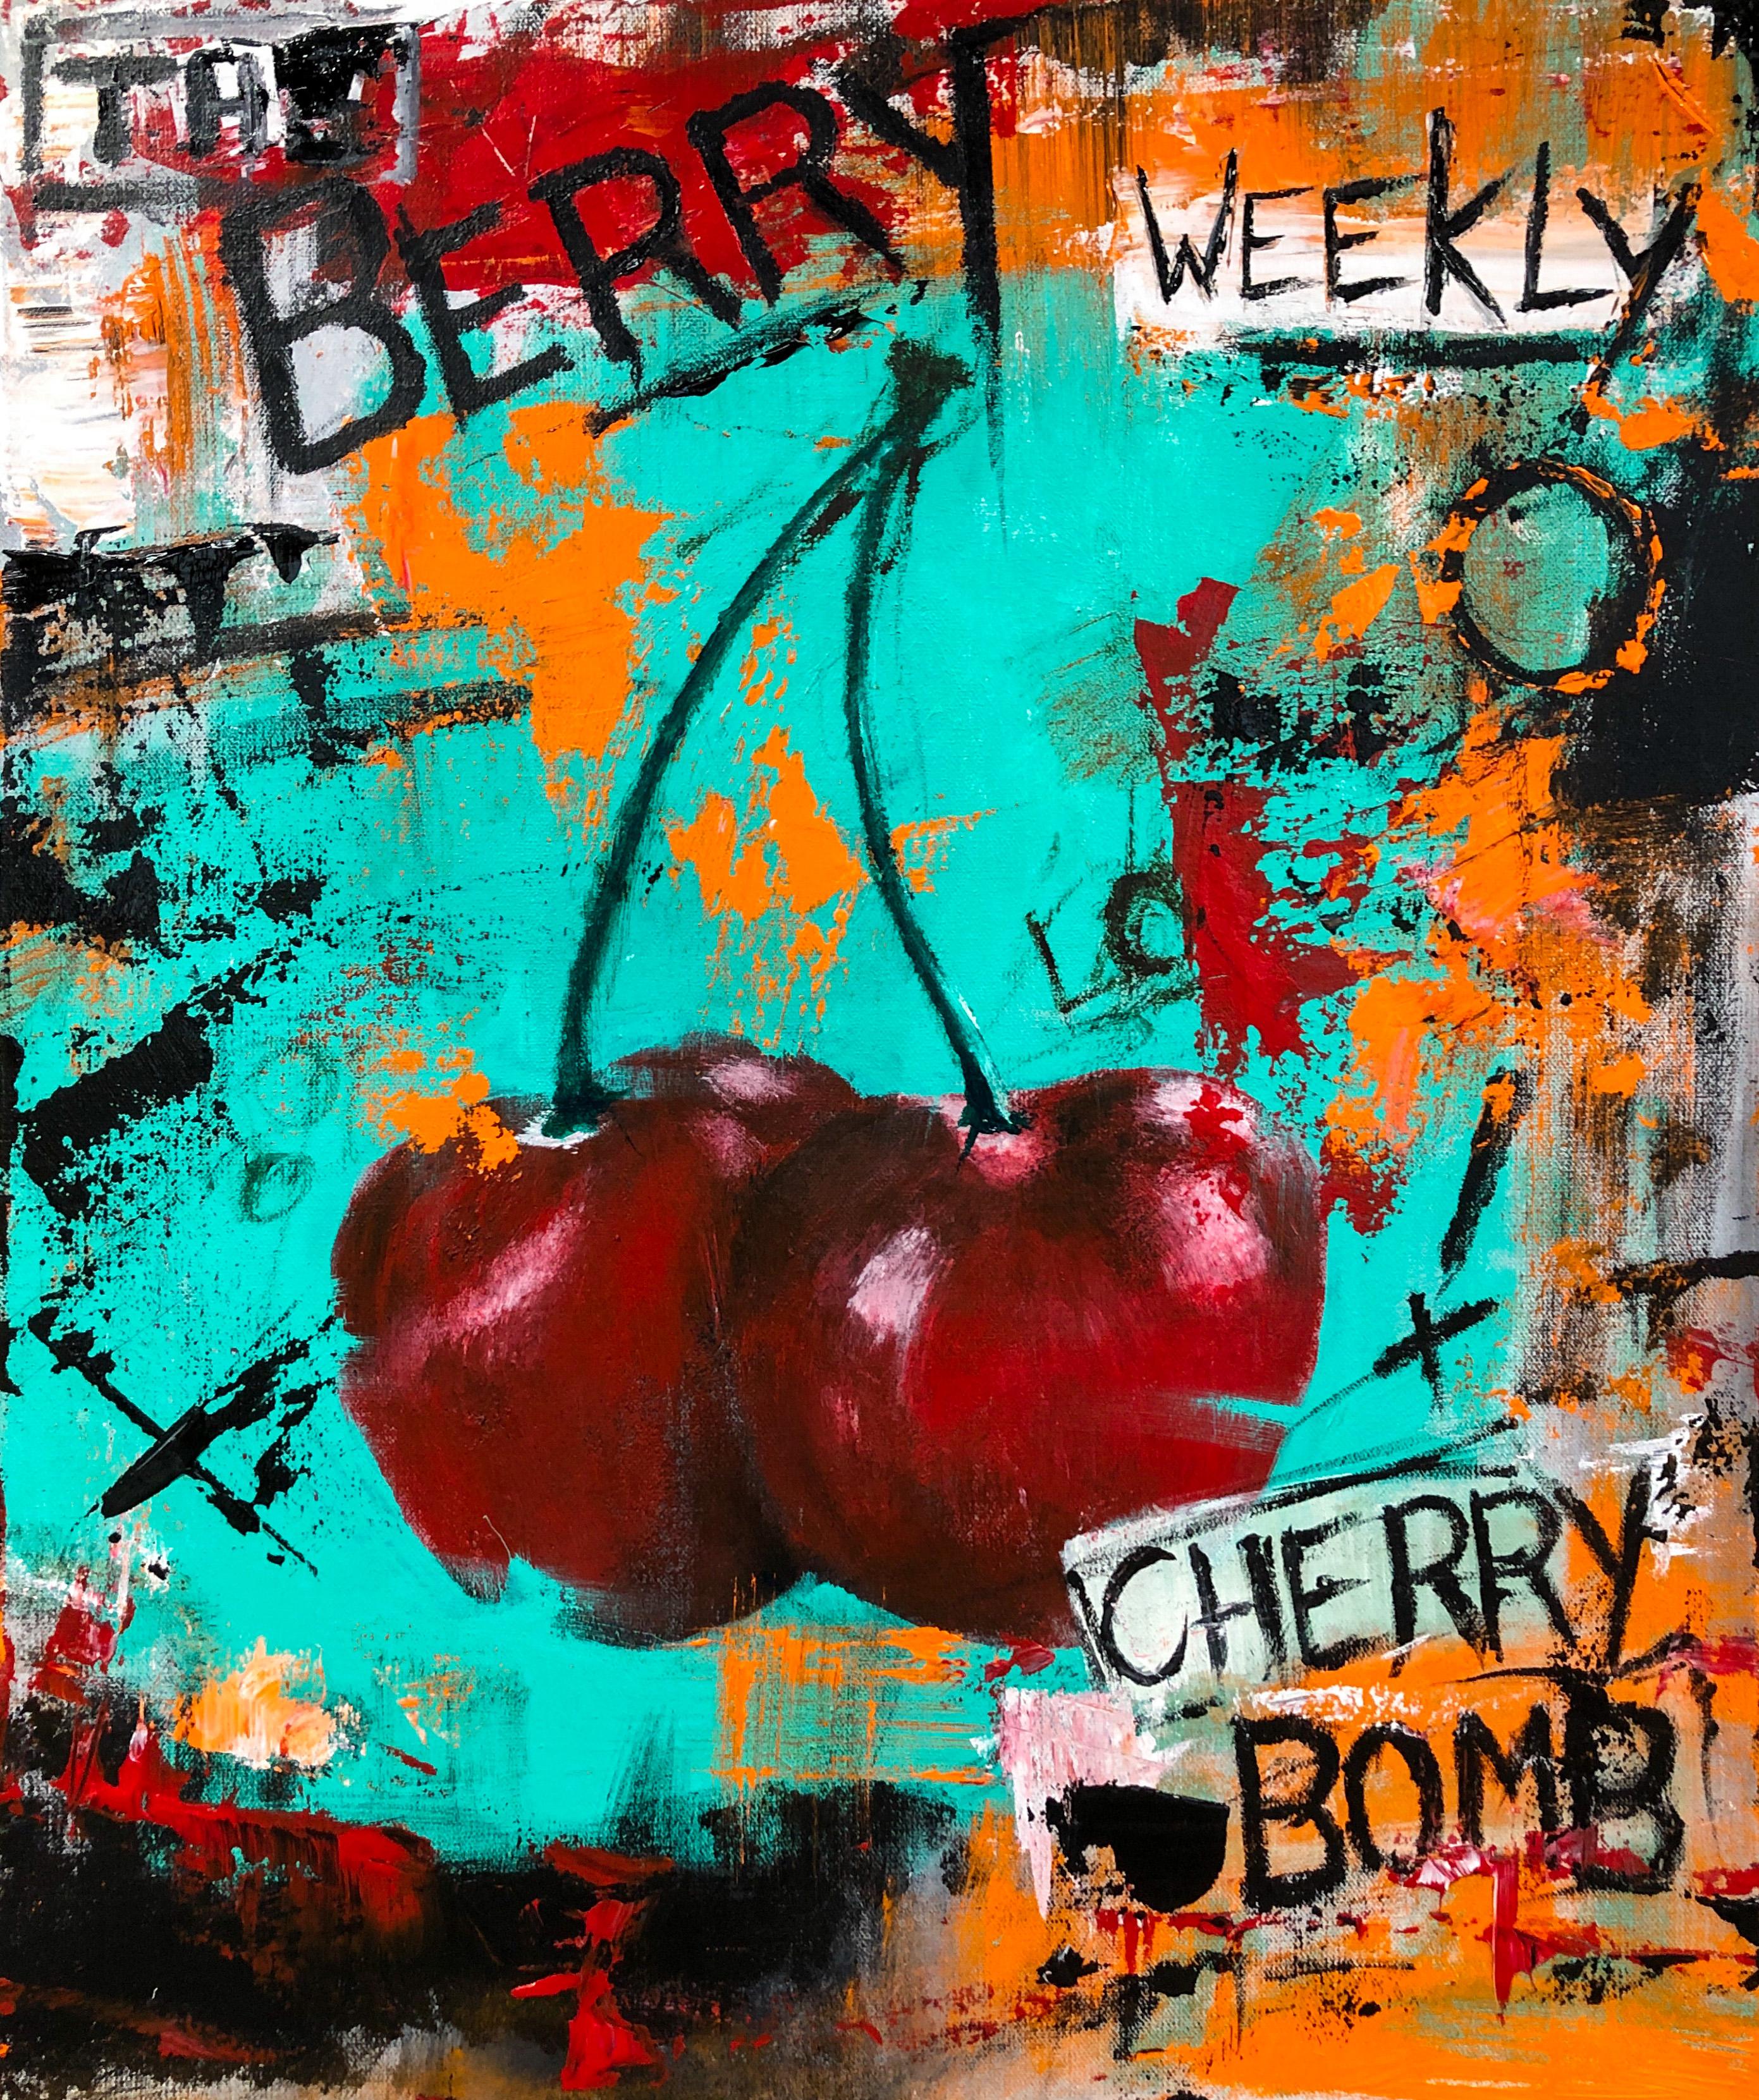 Cherrybomb I